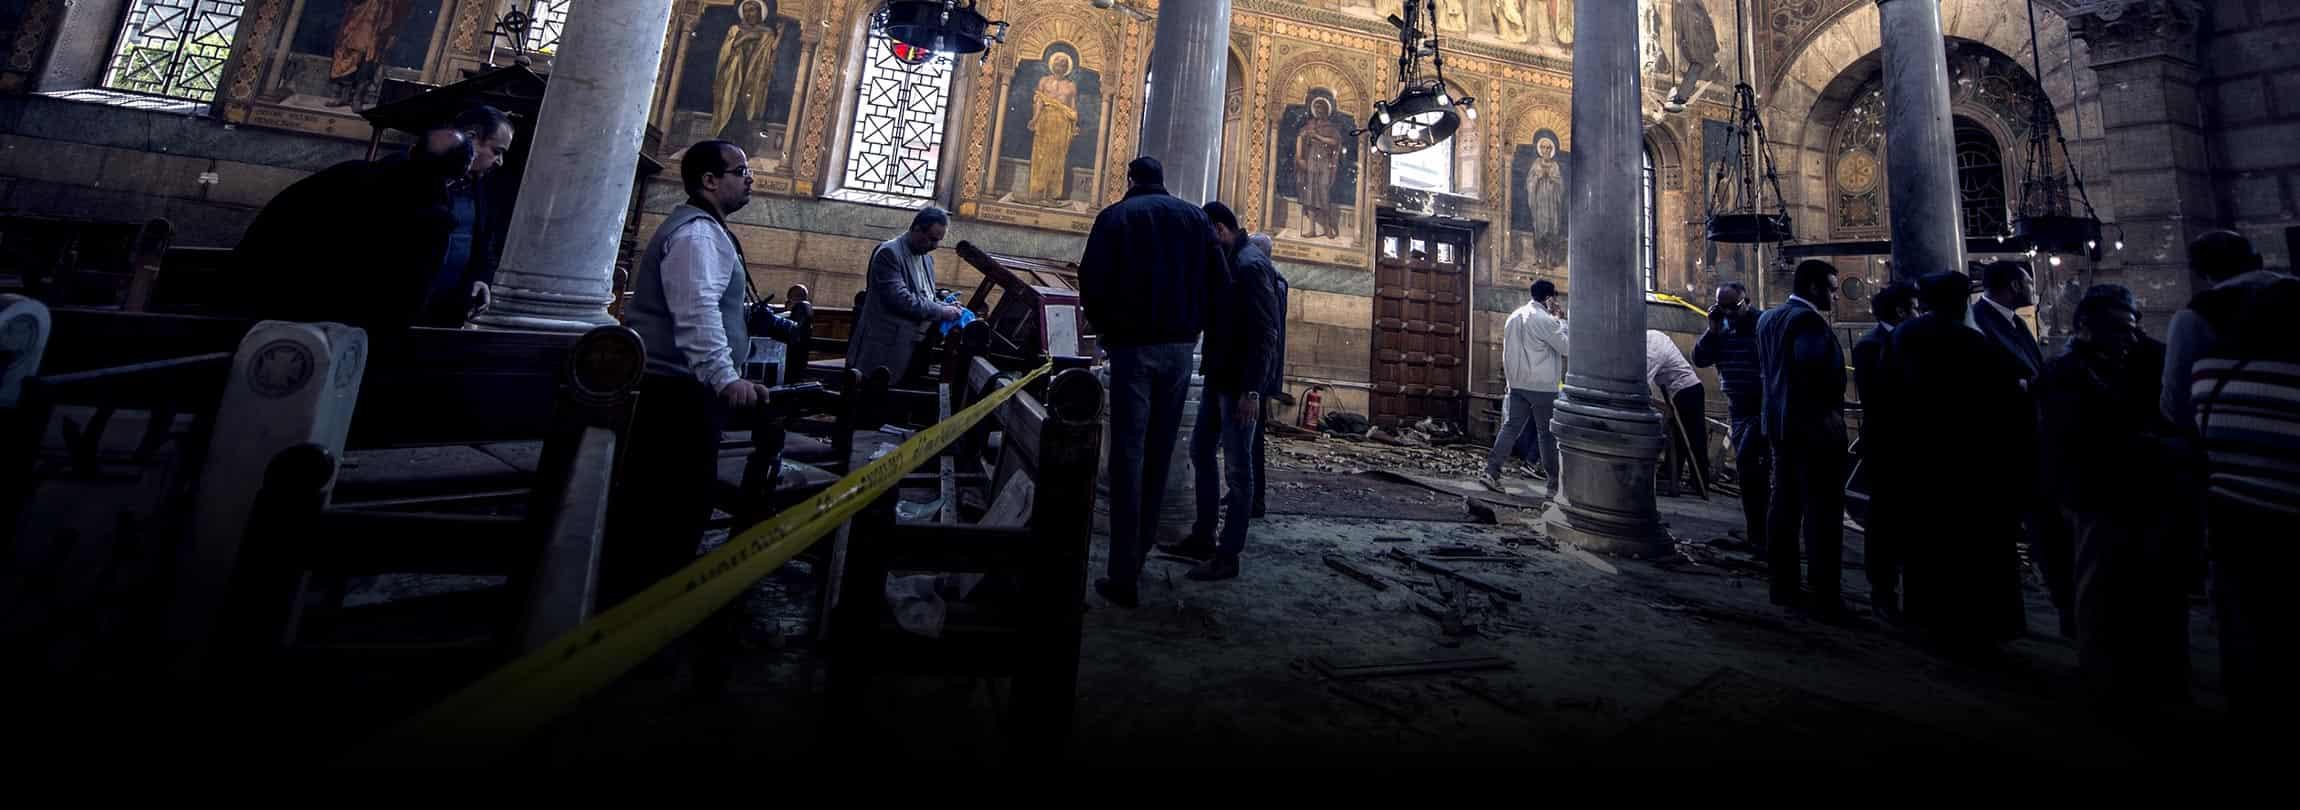 O drama da Igreja no Egito e o silêncio dos meios de comunicação